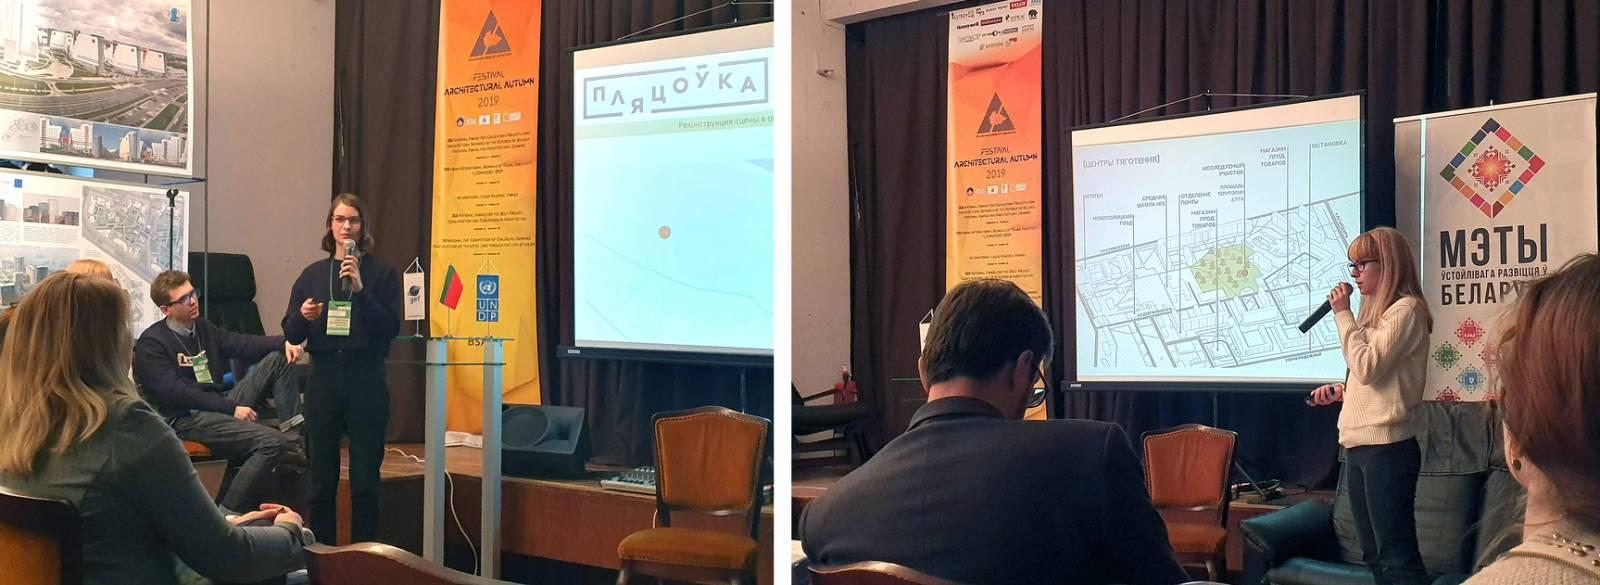 Доклад «Преобразование общественных пространств Новополоцка и Полоцка»